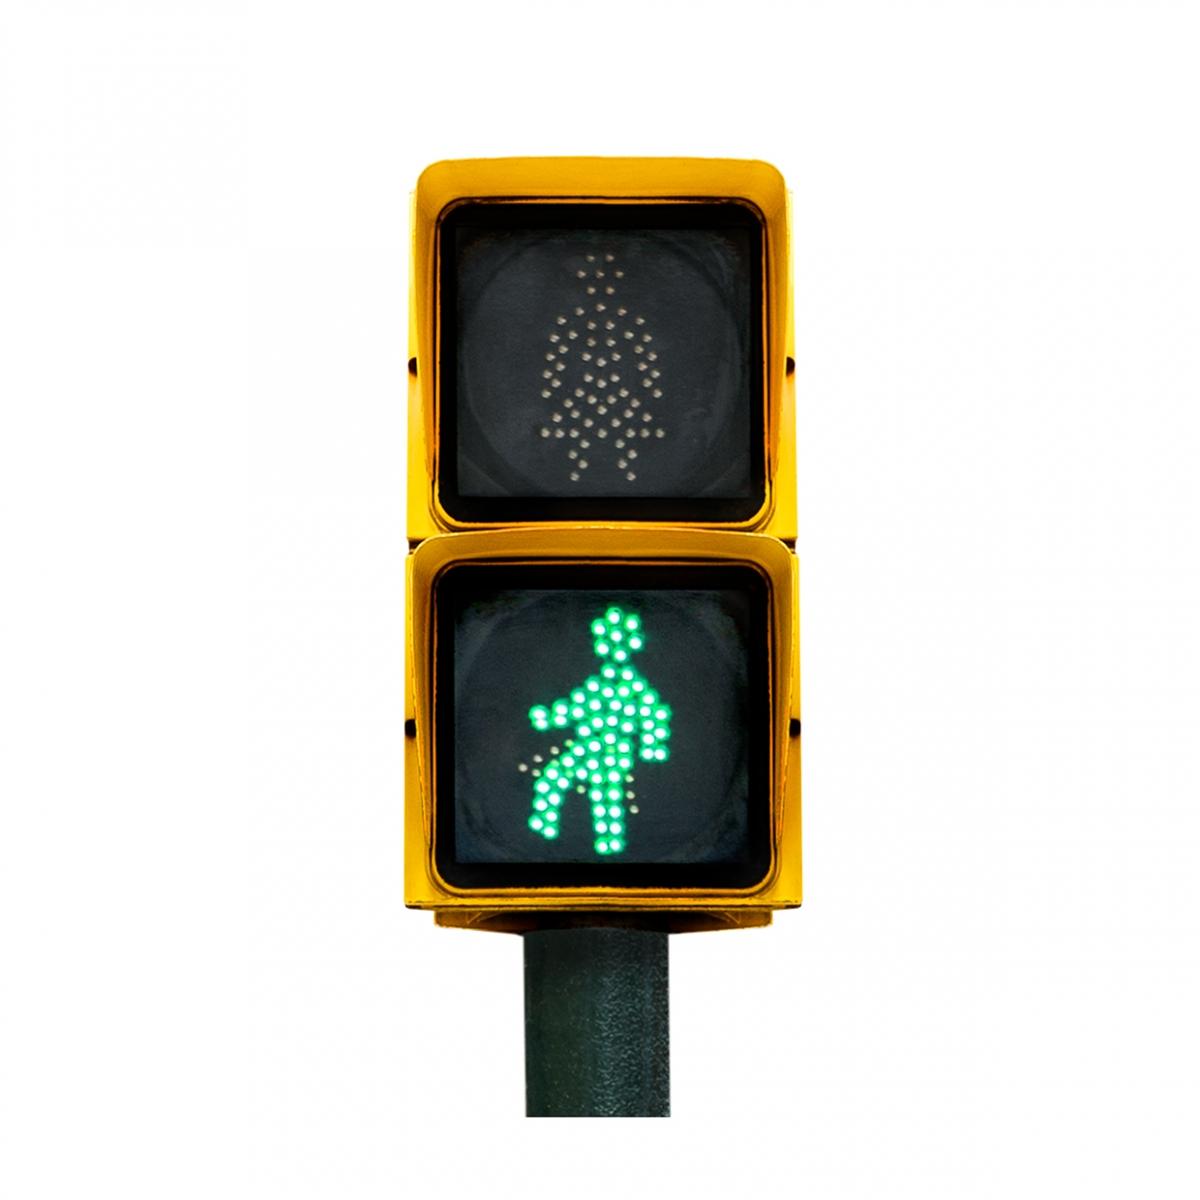 Imagen en la que se ve un semáforo de peatones con la luz verde iluminada